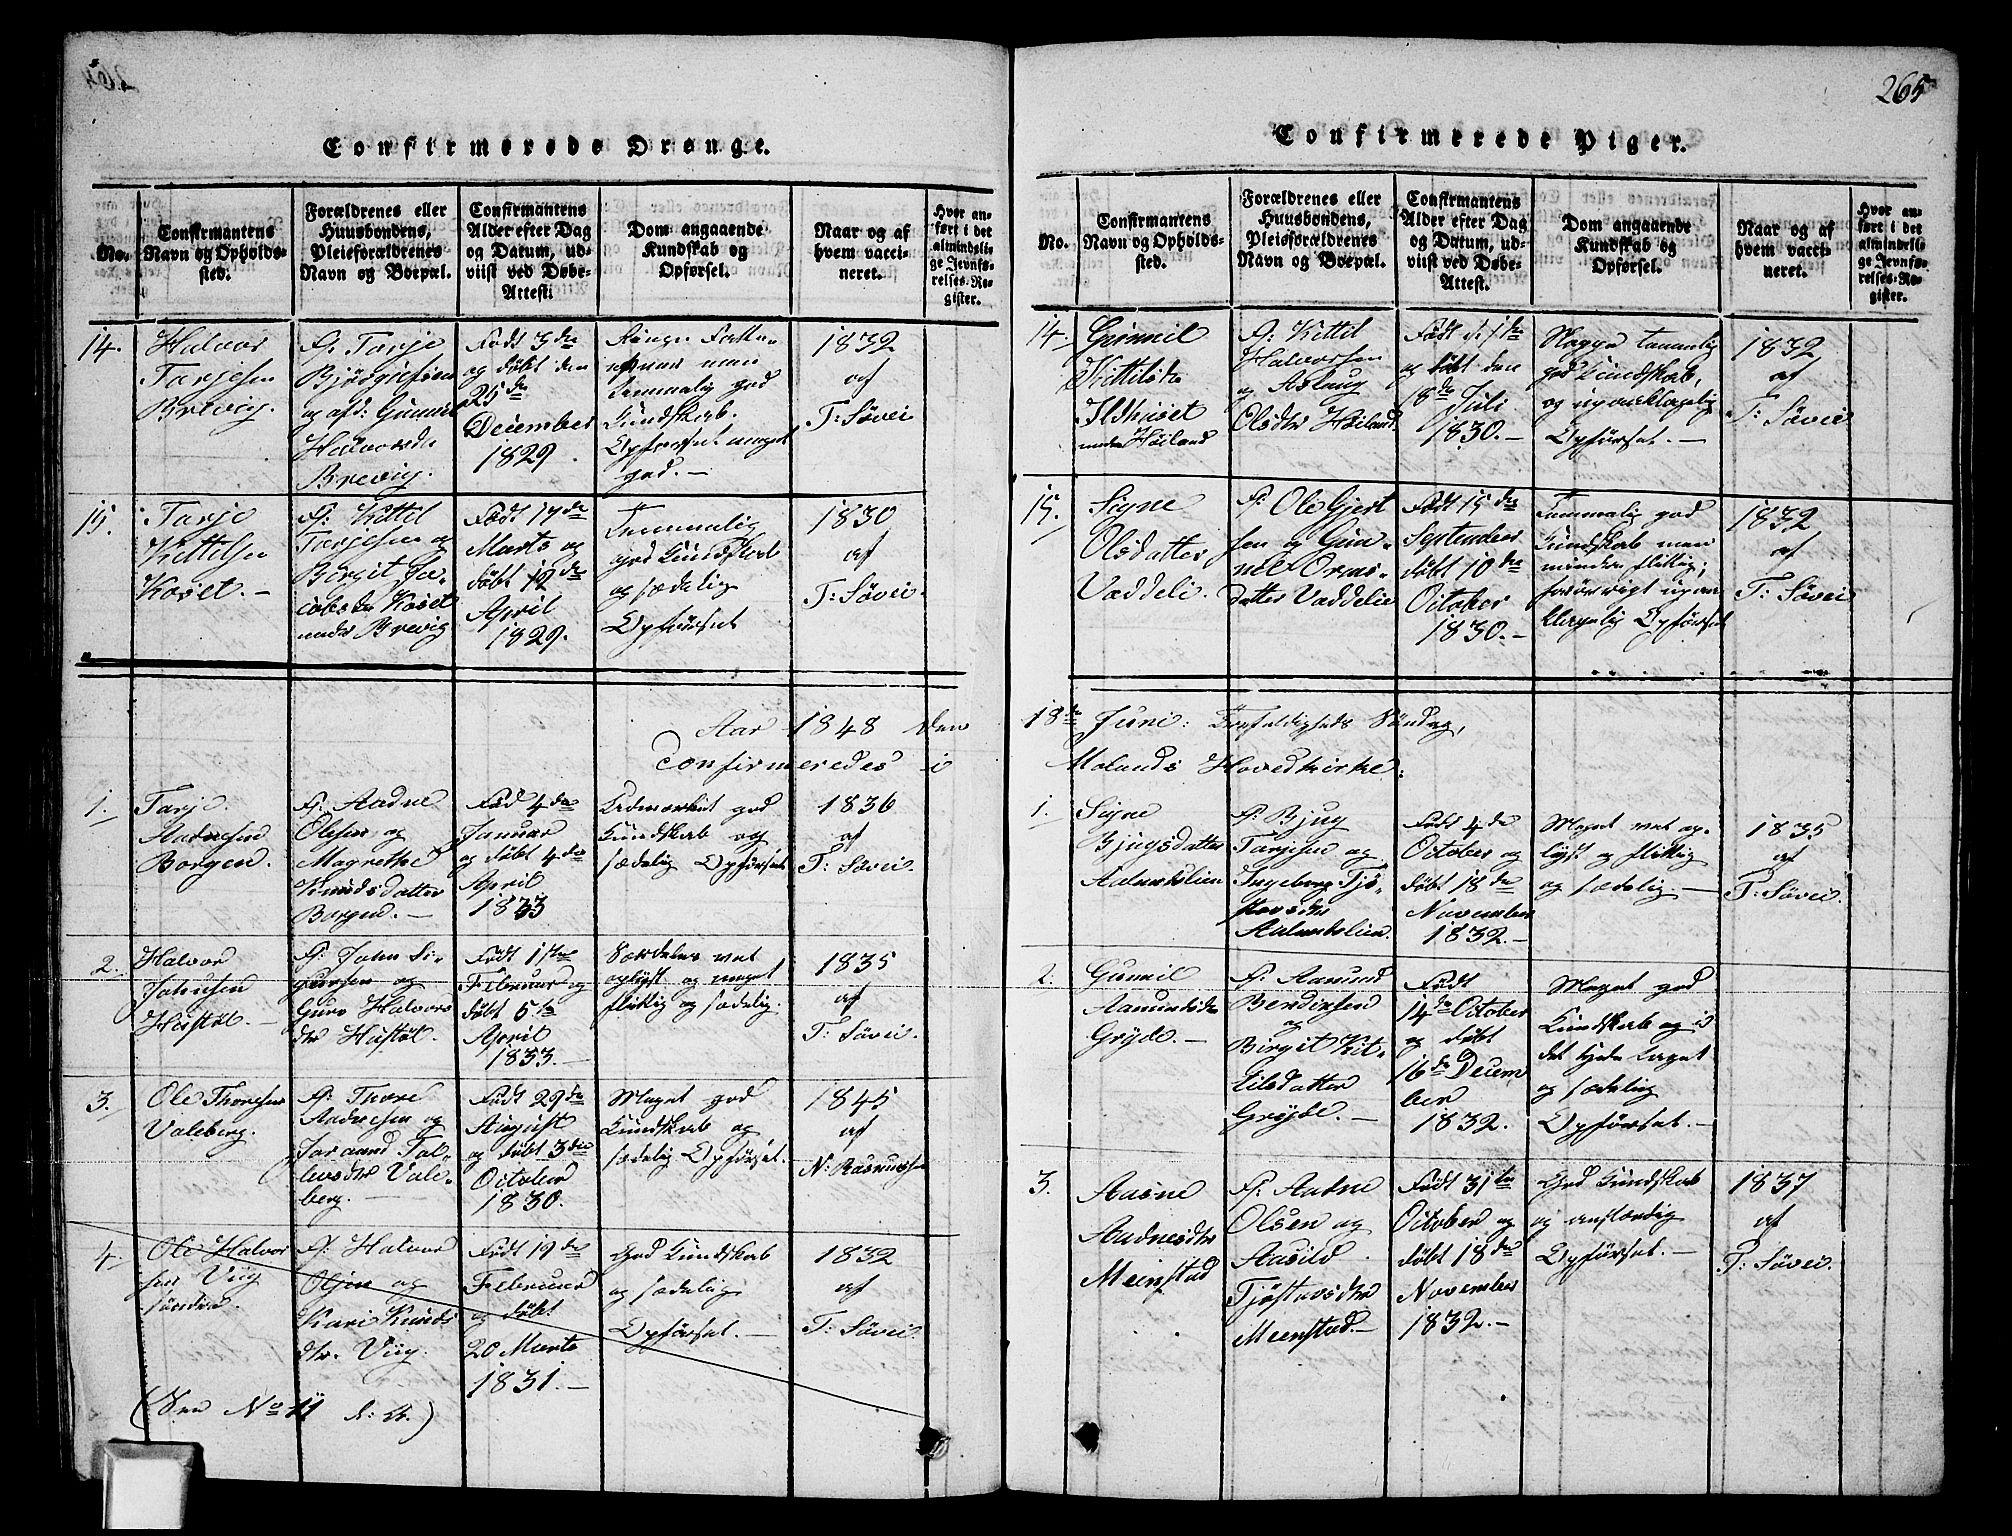 SAKO, Fyresdal kirkebøker, G/Ga/L0002: Klokkerbok nr. I 2, 1815-1857, s. 265